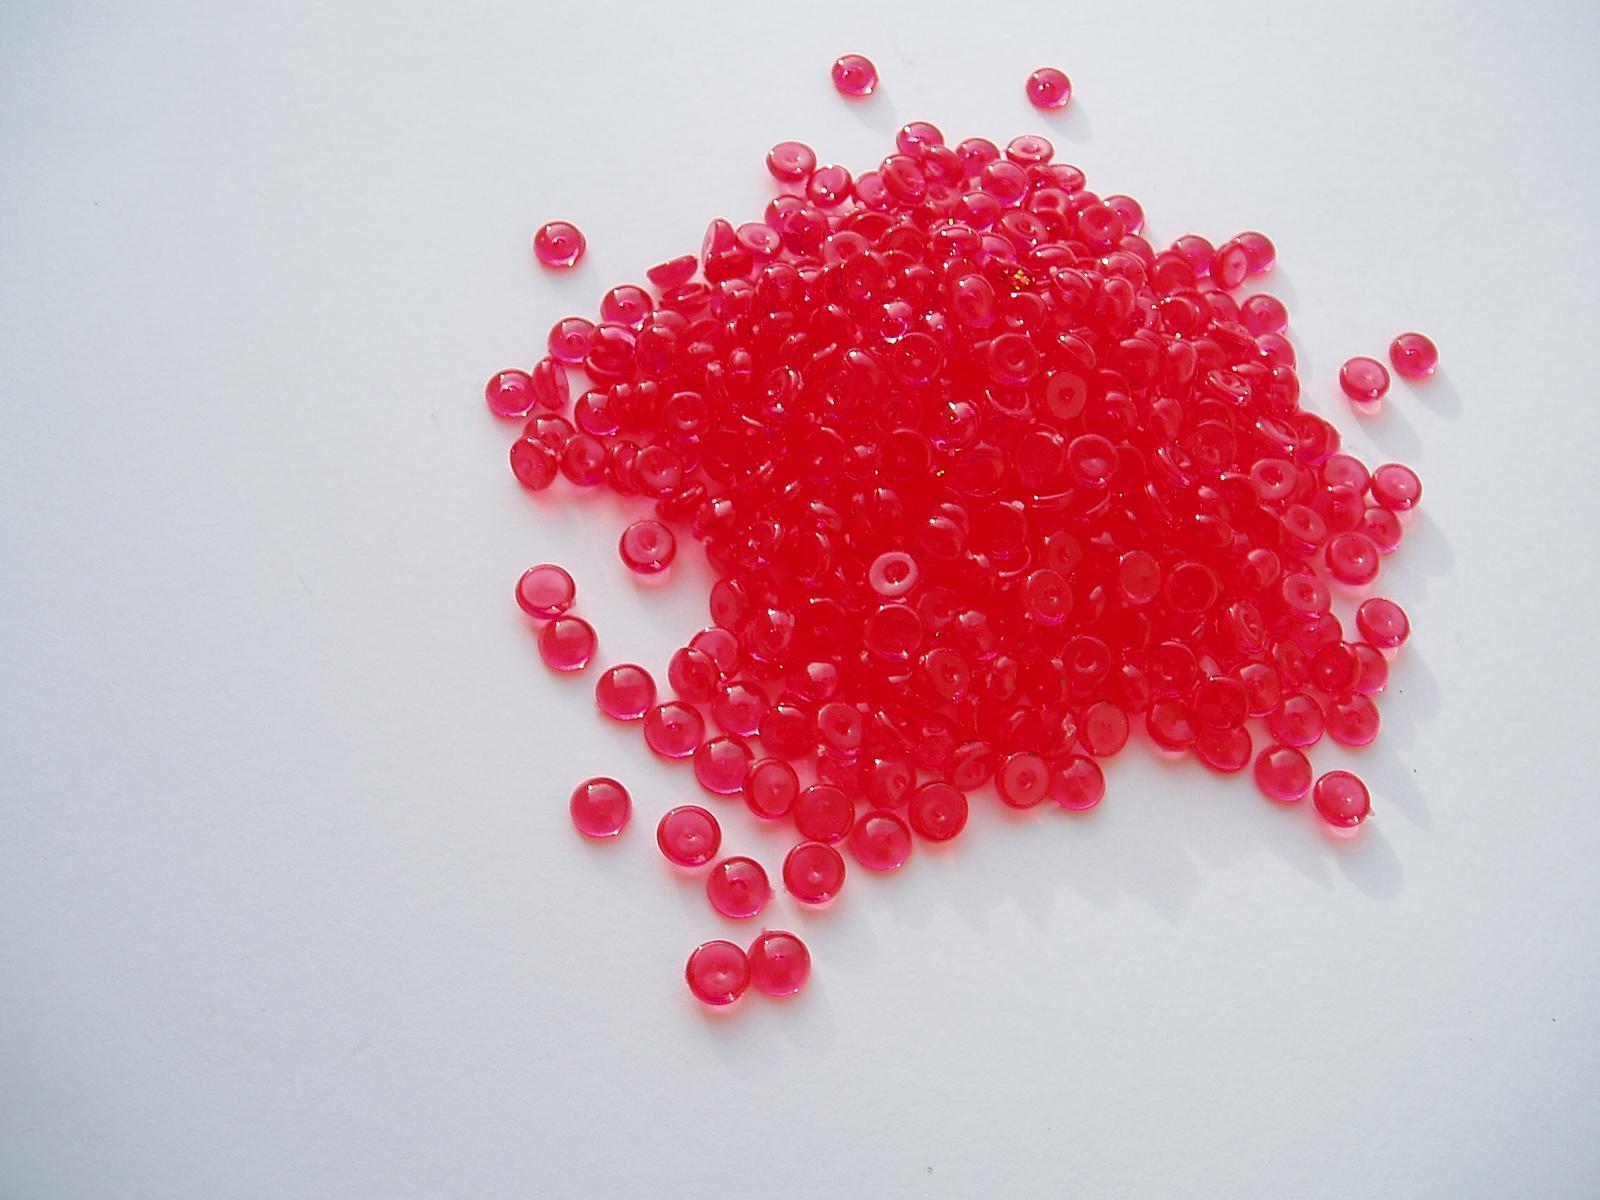 kapky rosy-červené - Obrázek č. 2